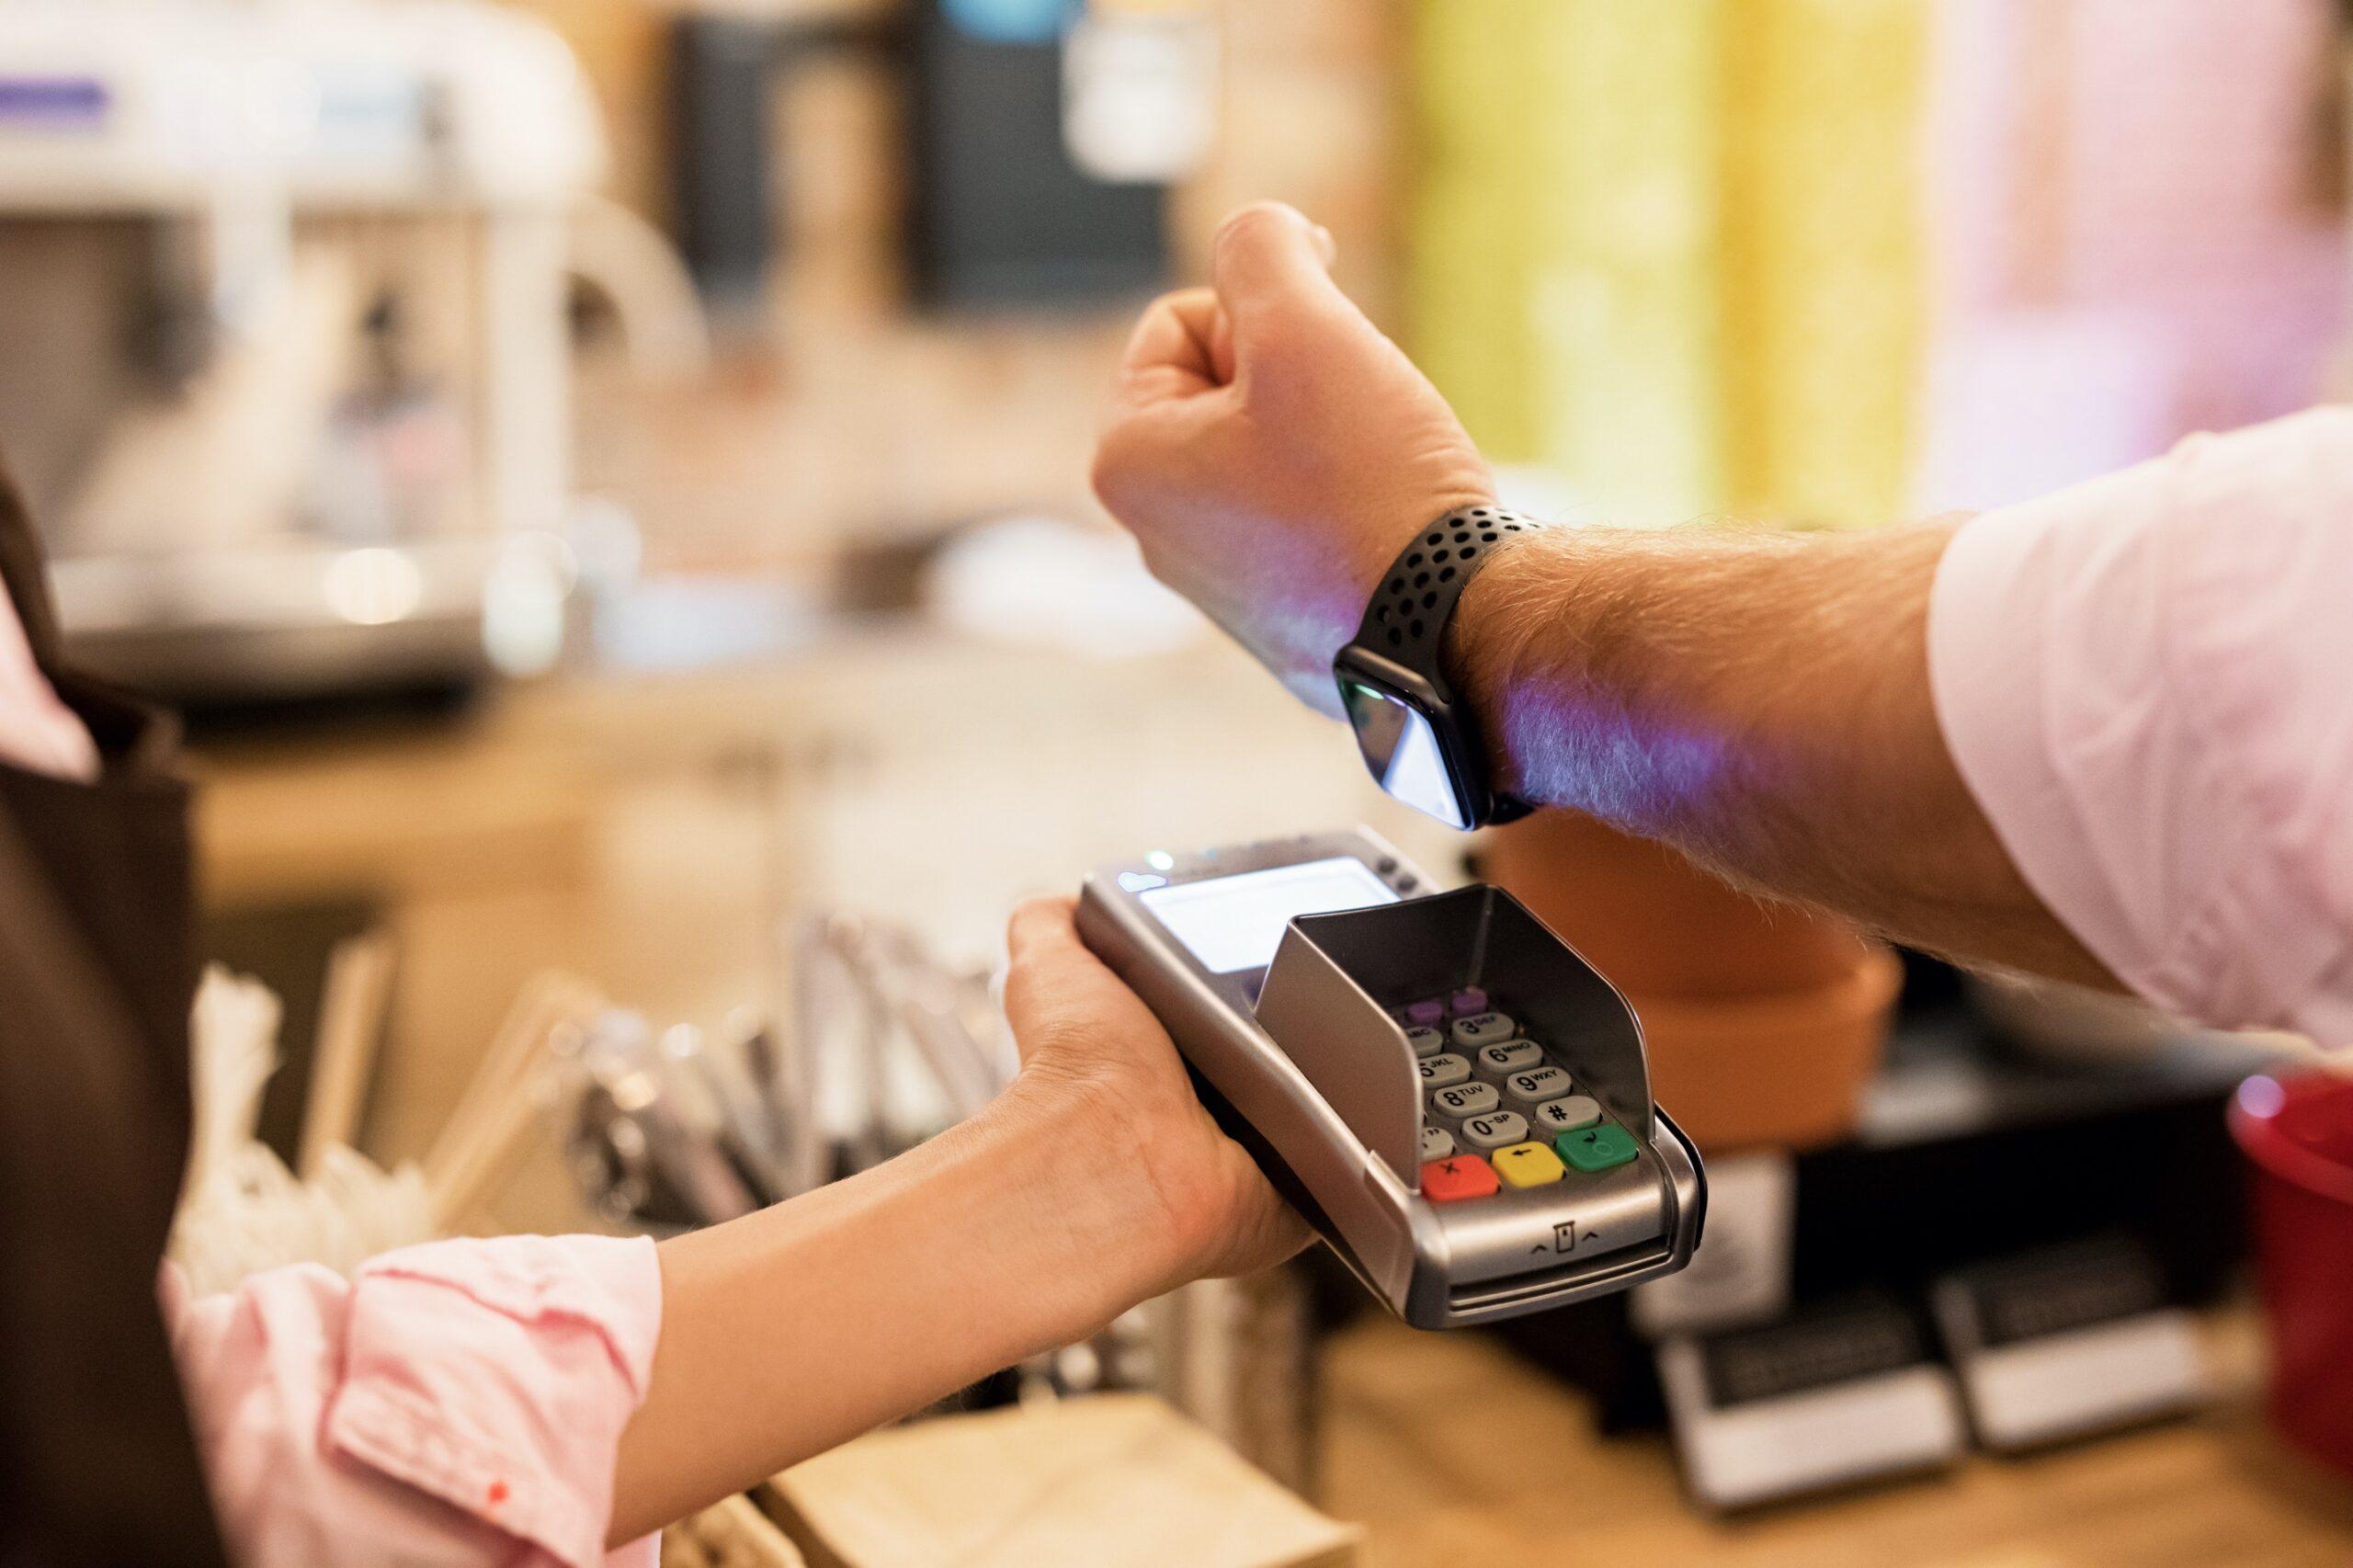 Pagando com o Apple Pay usando o Apple Watch